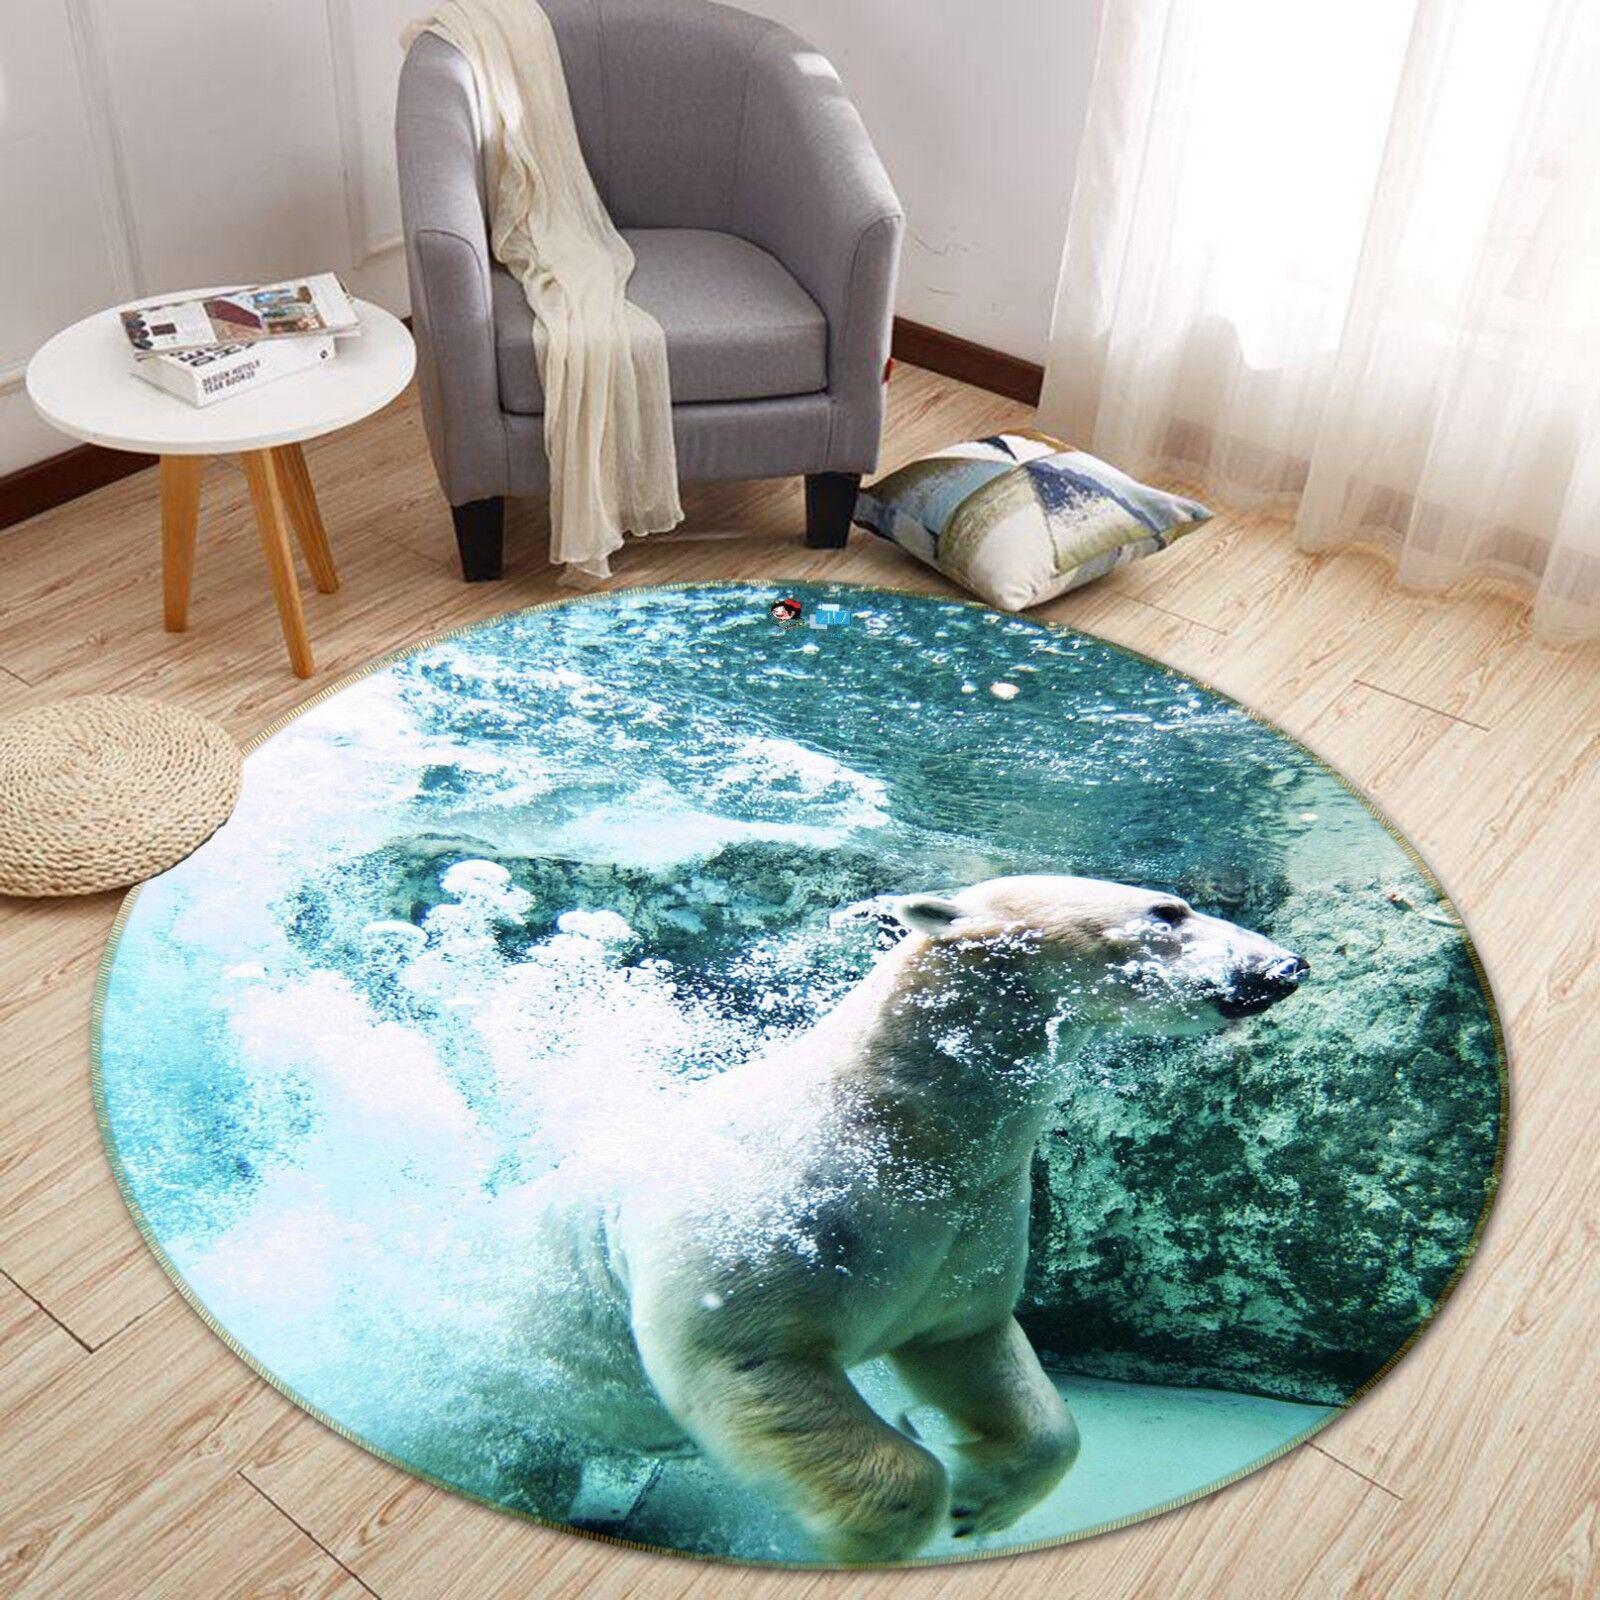 3D Orso Immersione 4 tappetino antiscivolo tappeto camera Tappetino Tondo Qualità Elegante foto Tappeto UK